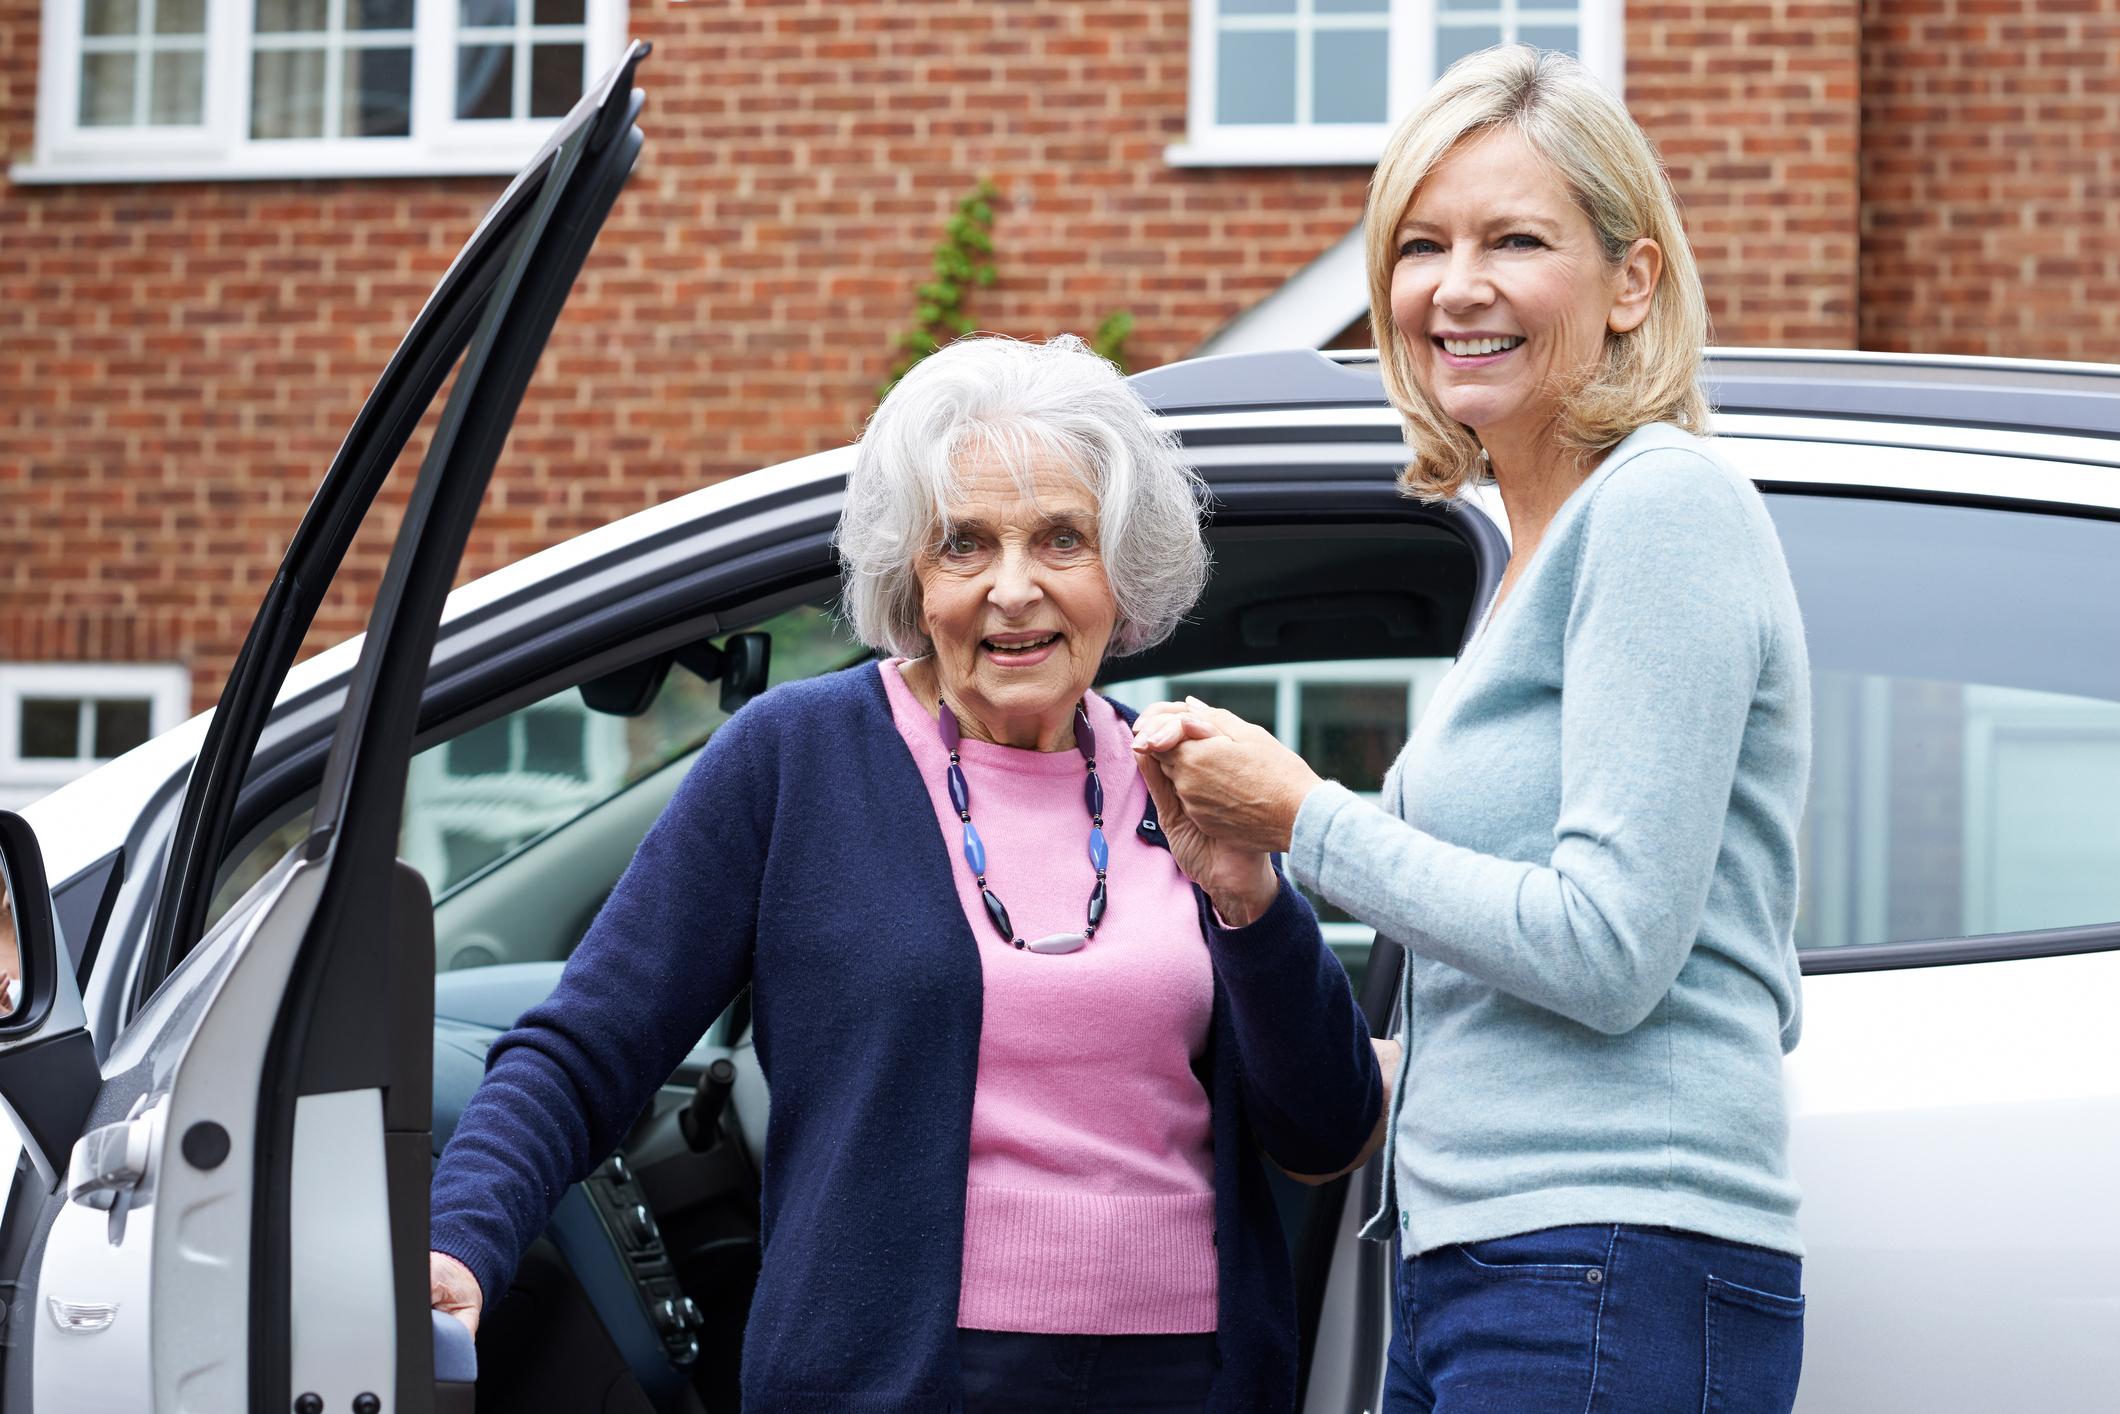 Volunteer driver gives older neighbor a lift